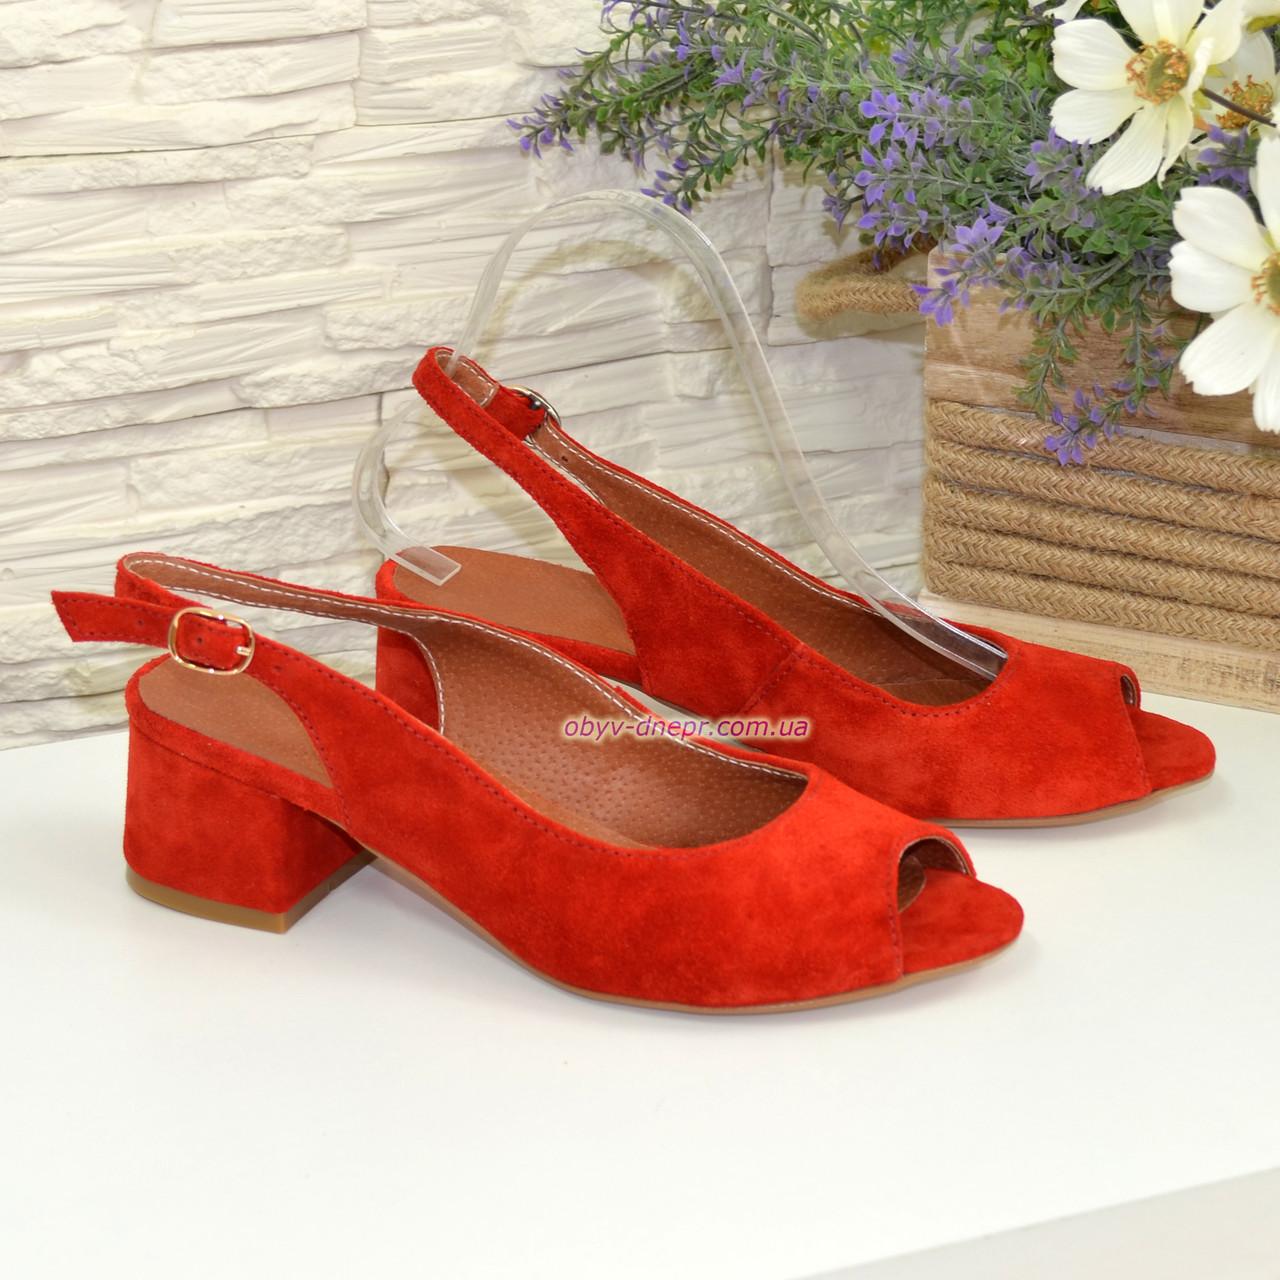 Босоножки замшевые красные на невысоком устойчивом каблуке